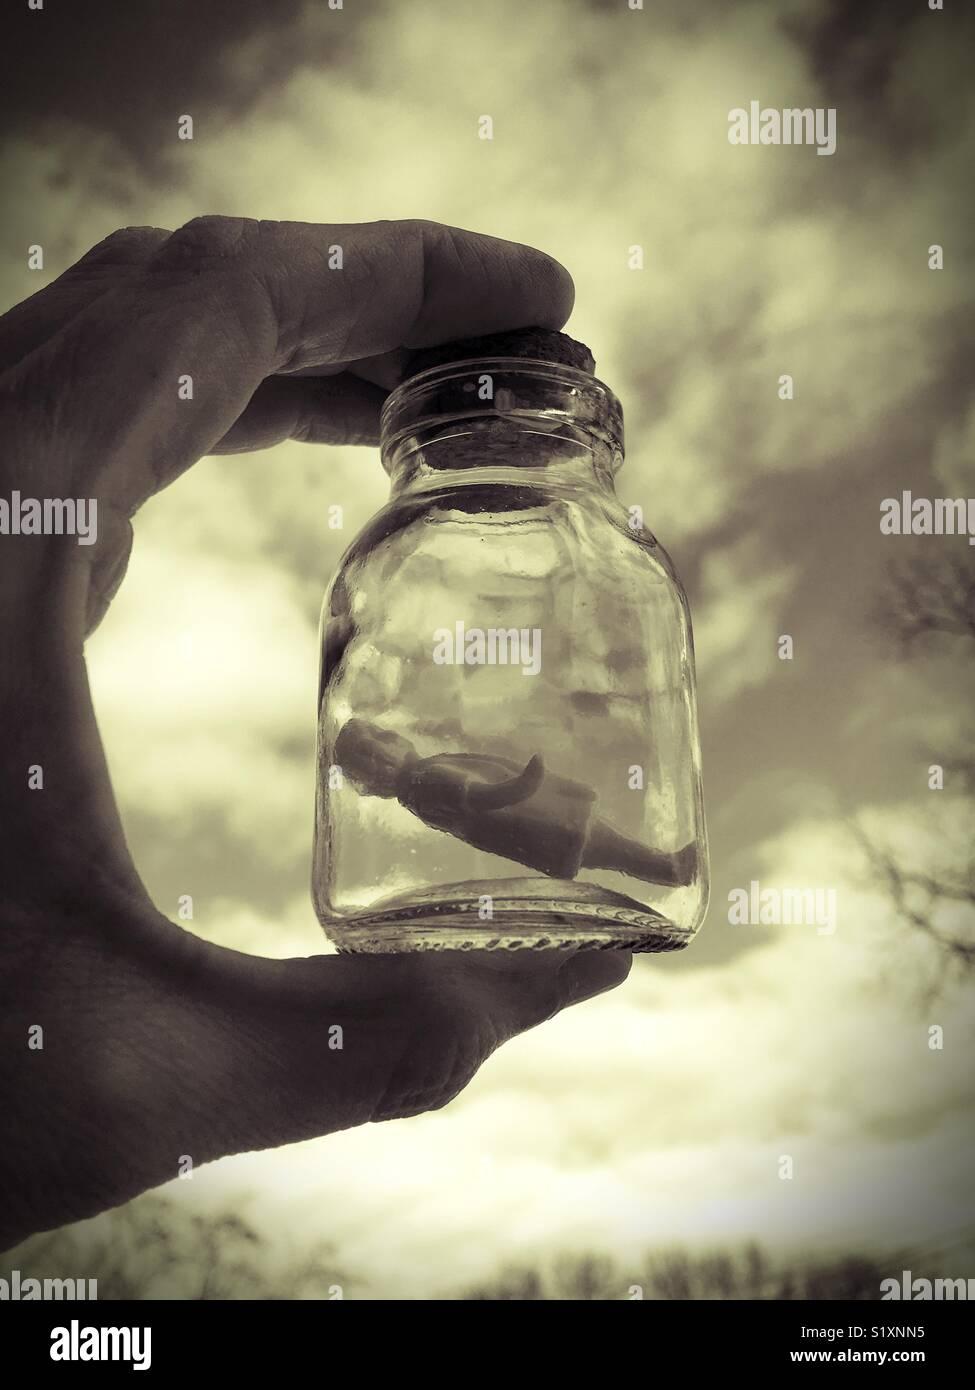 Un pequeño muñeco estatuilla vintage style dentro de una botella. Imagen De Stock